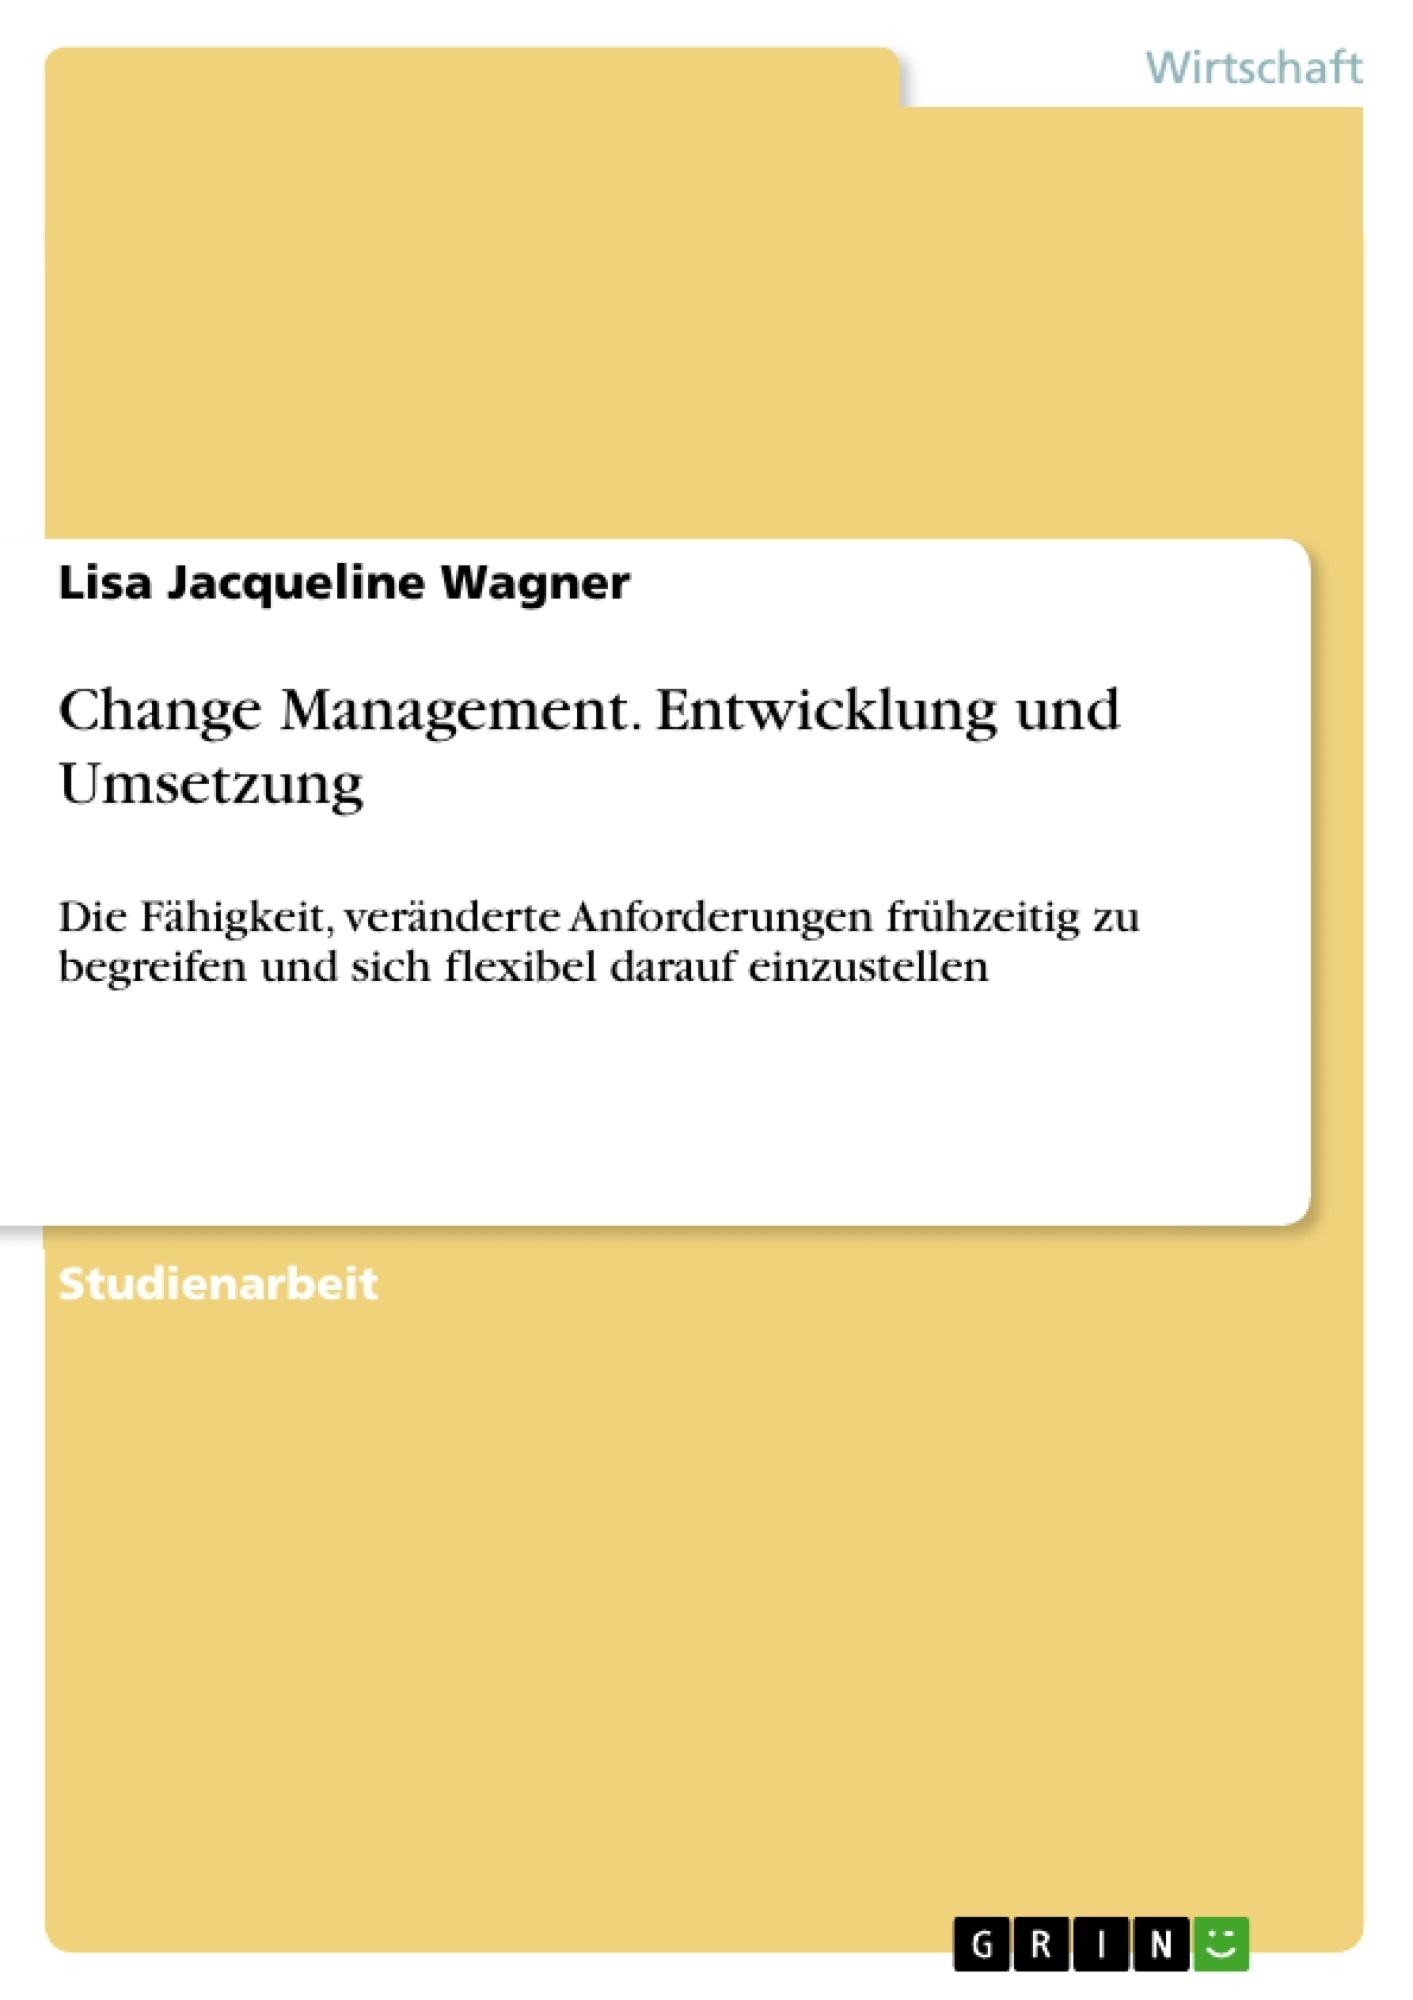 Titel: Change Management. Entwicklung und Umsetzung